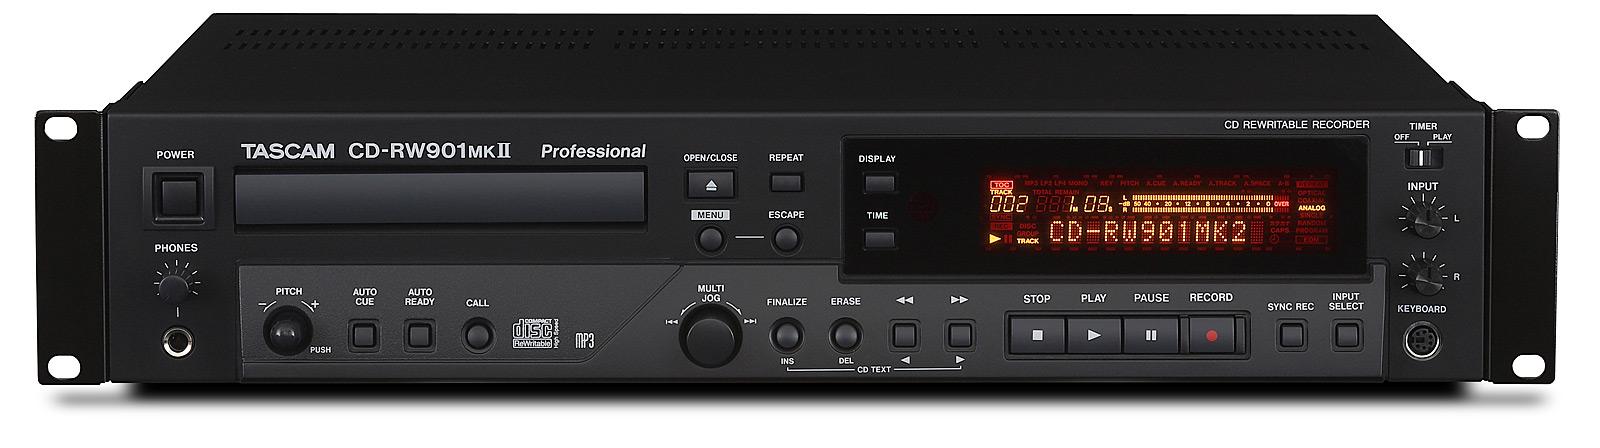 Tascam CD-RW901mk2 CD recorder CD-R og CD-RW